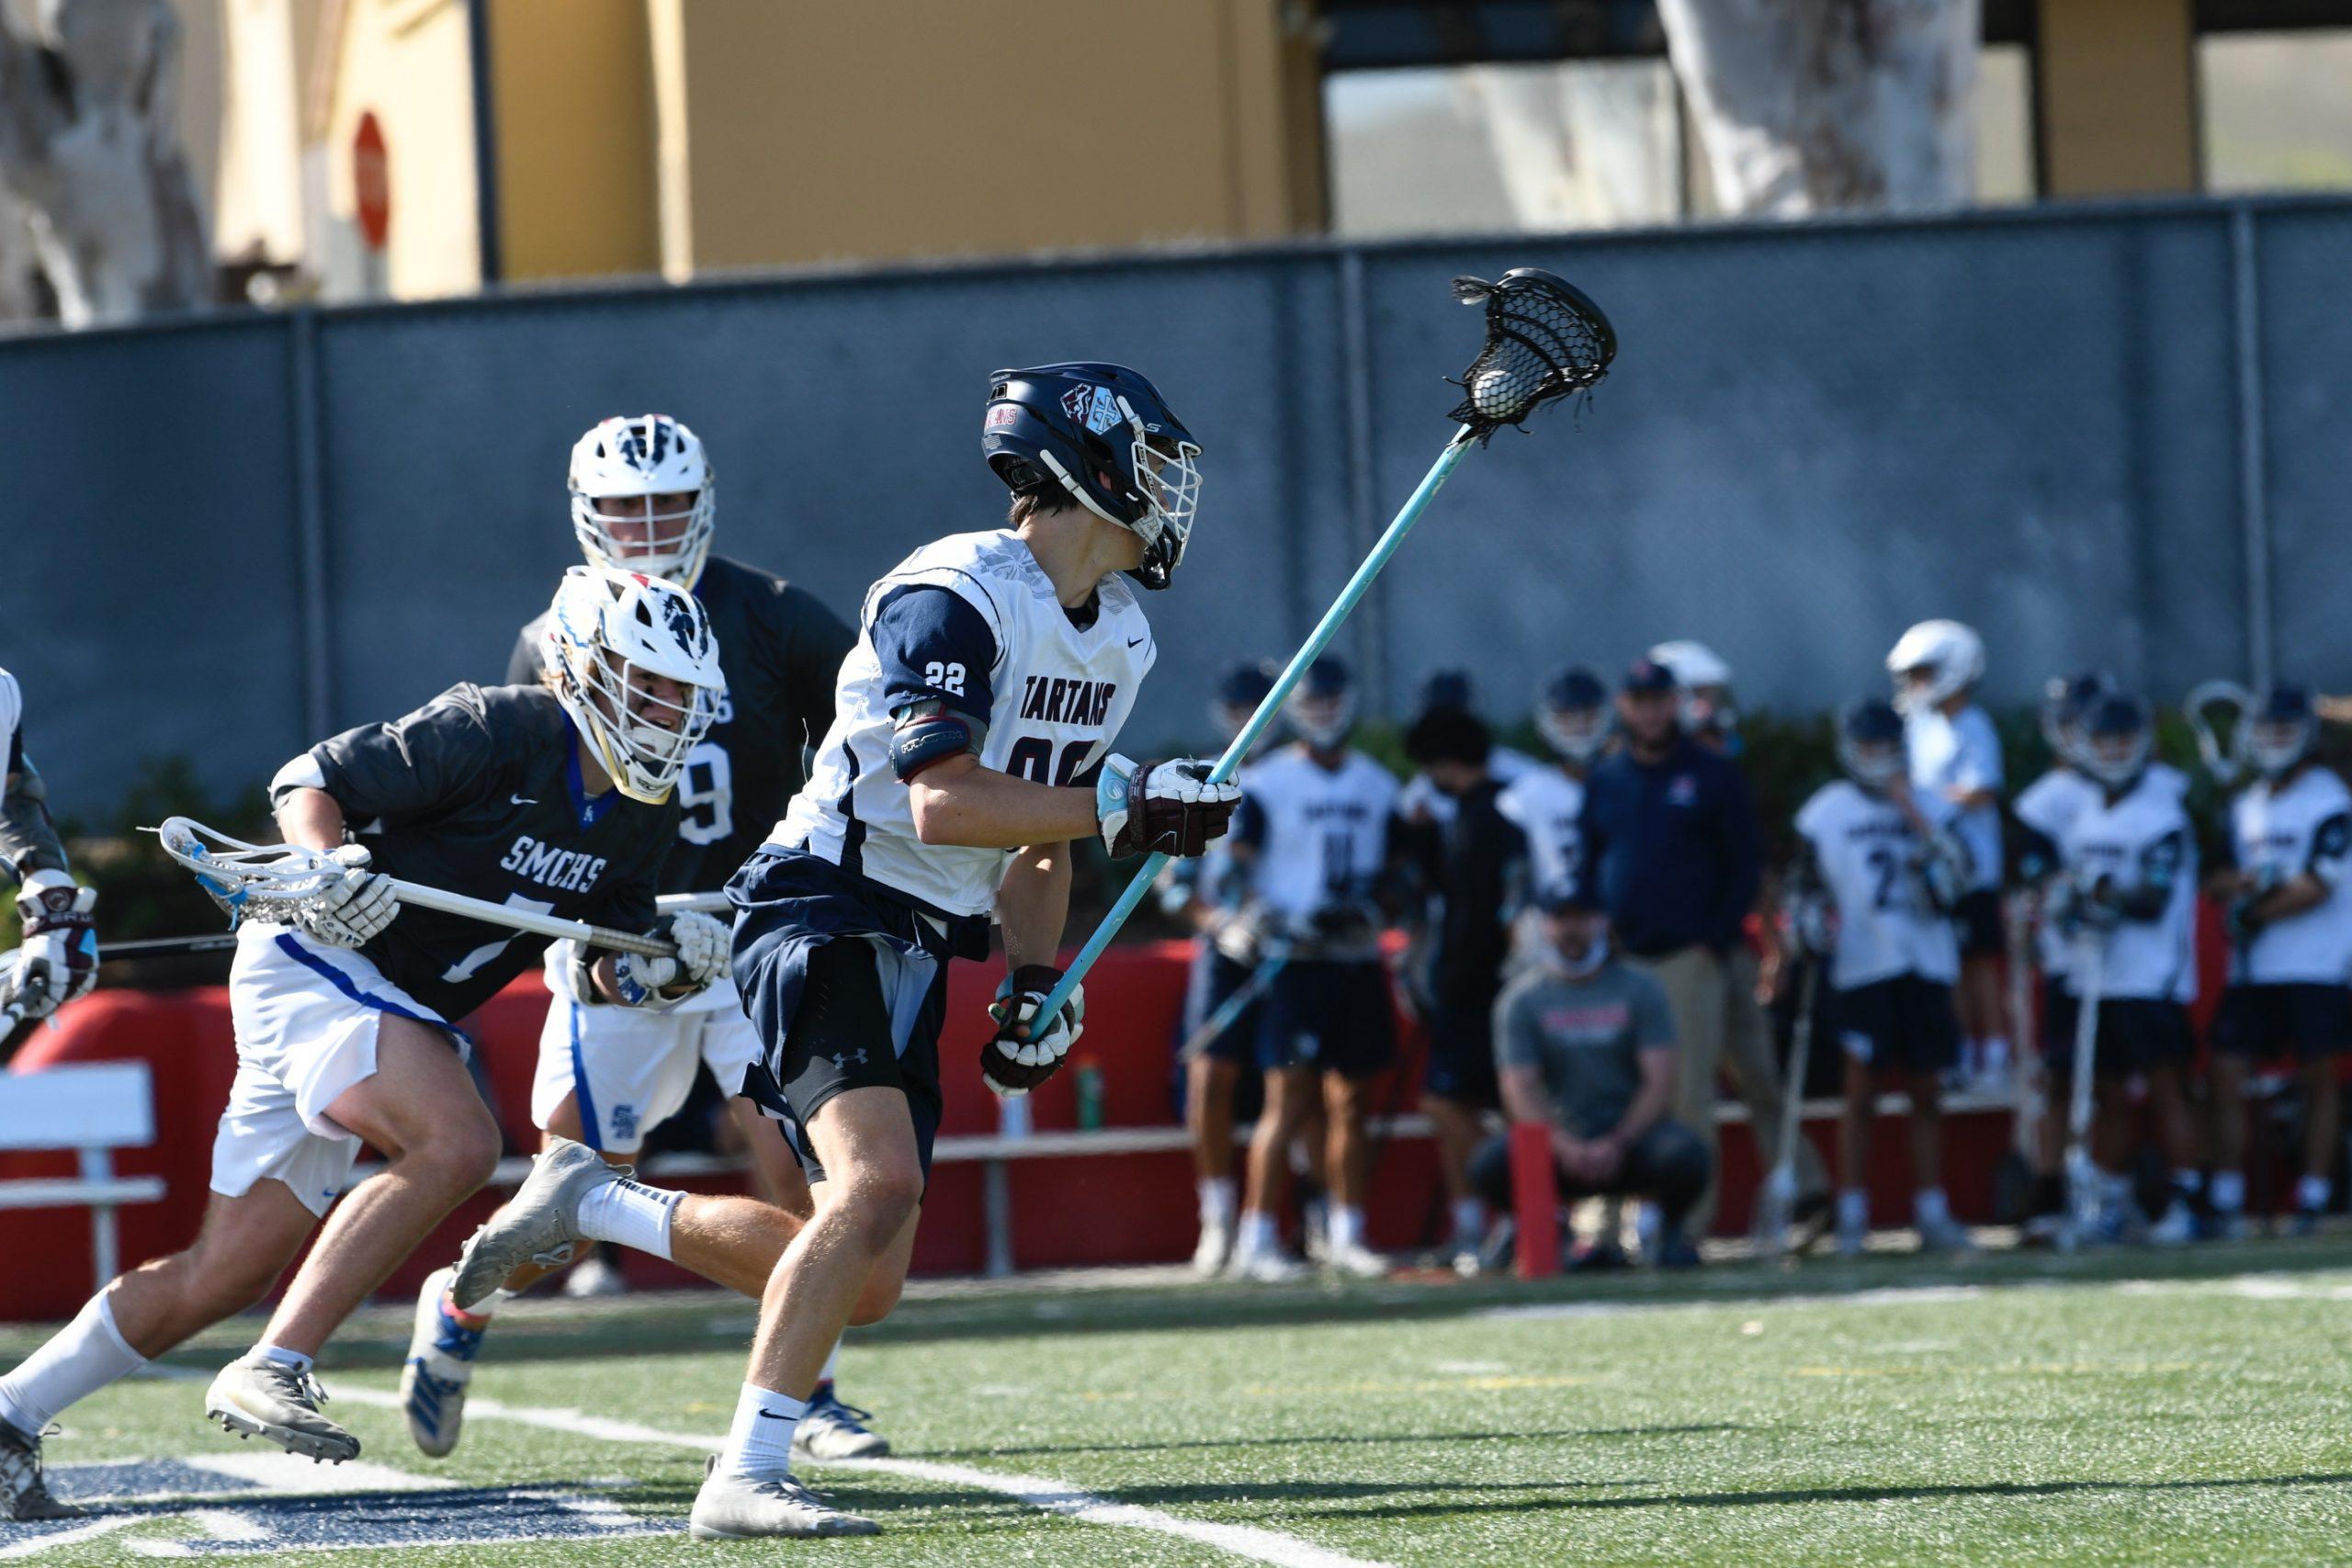 Hayden Chester, St. Margaret's boys lacrosse